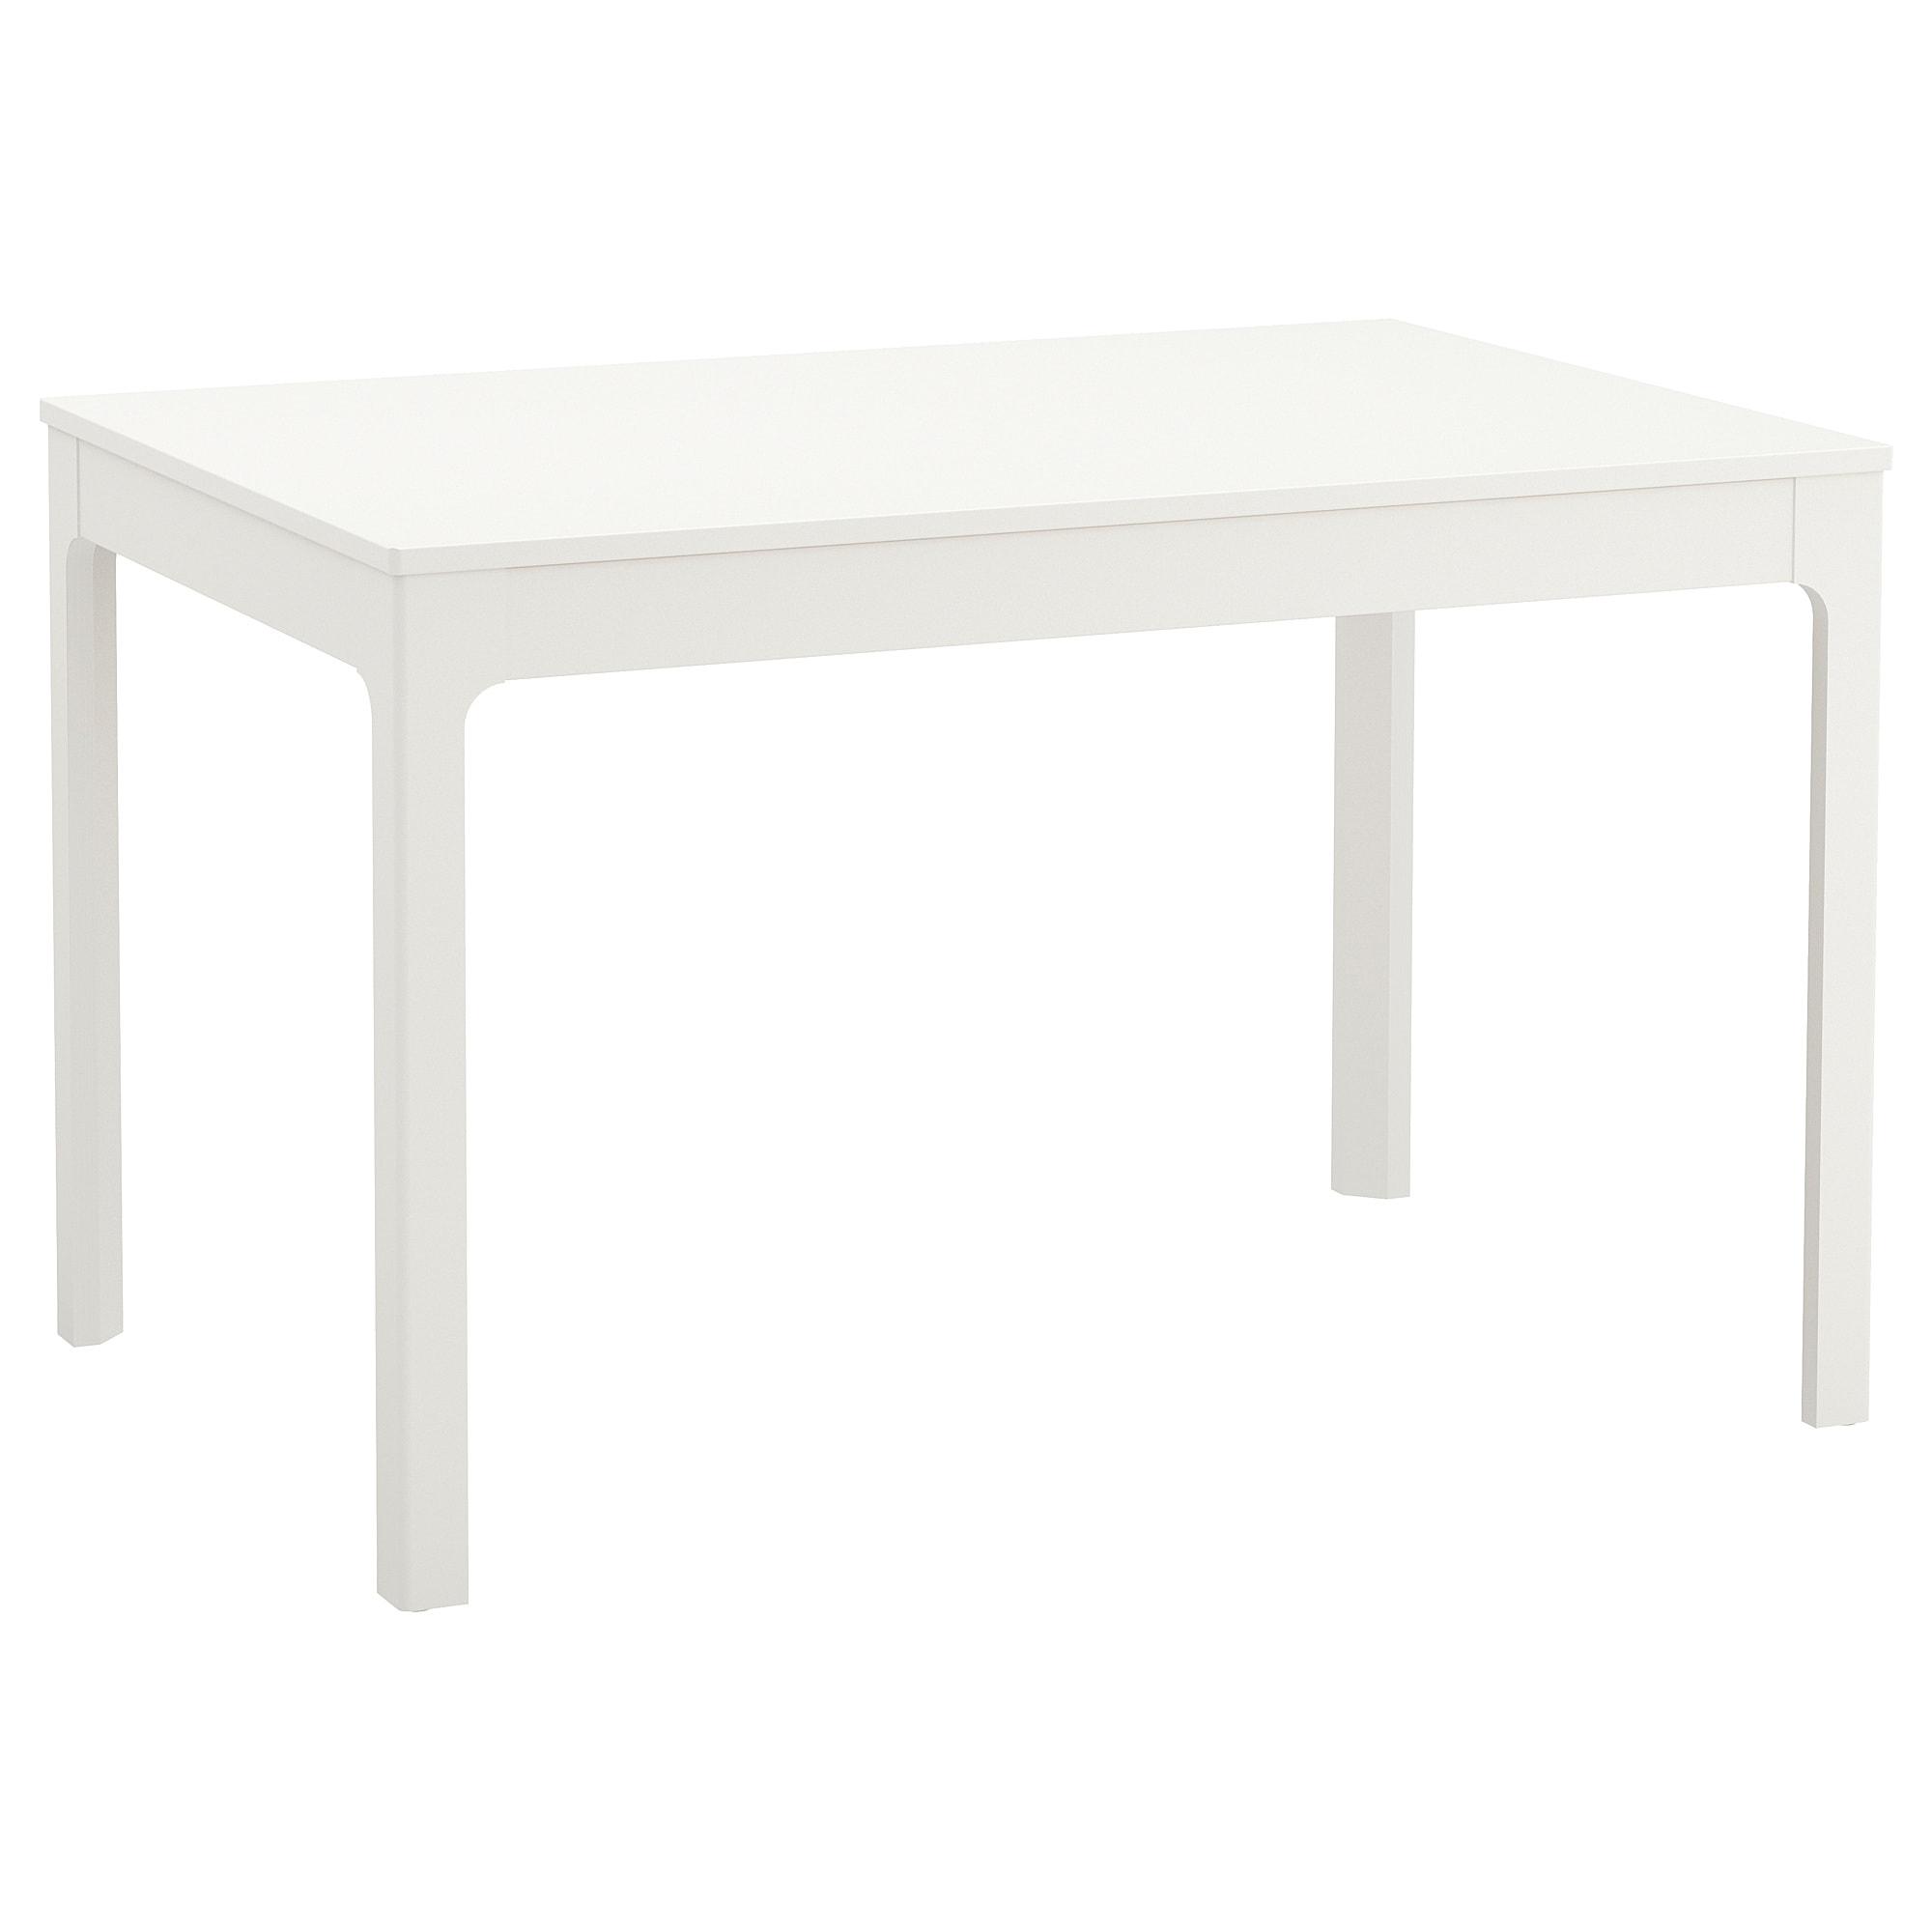 Mesas Blancas Drdp Ekedalen Mesa Extensible Blanco 120 180 X 80 Cm Ikea